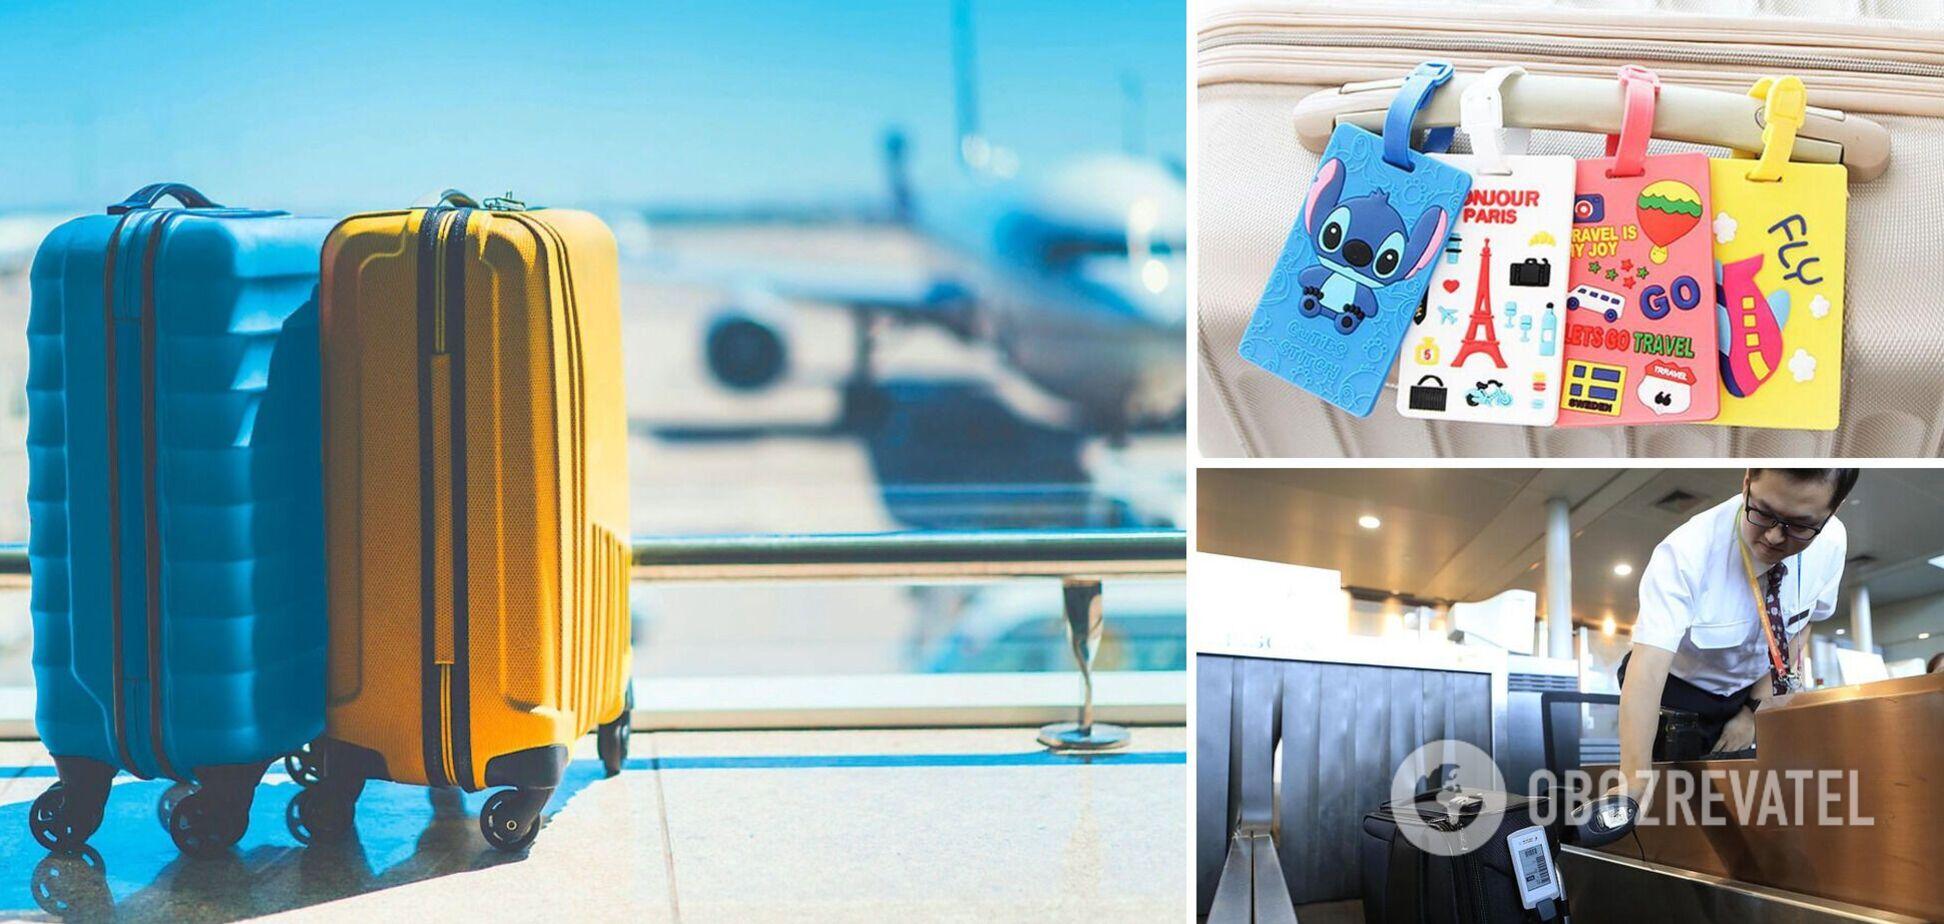 На бирках чемоданов нельзя писать свой домашний адрес